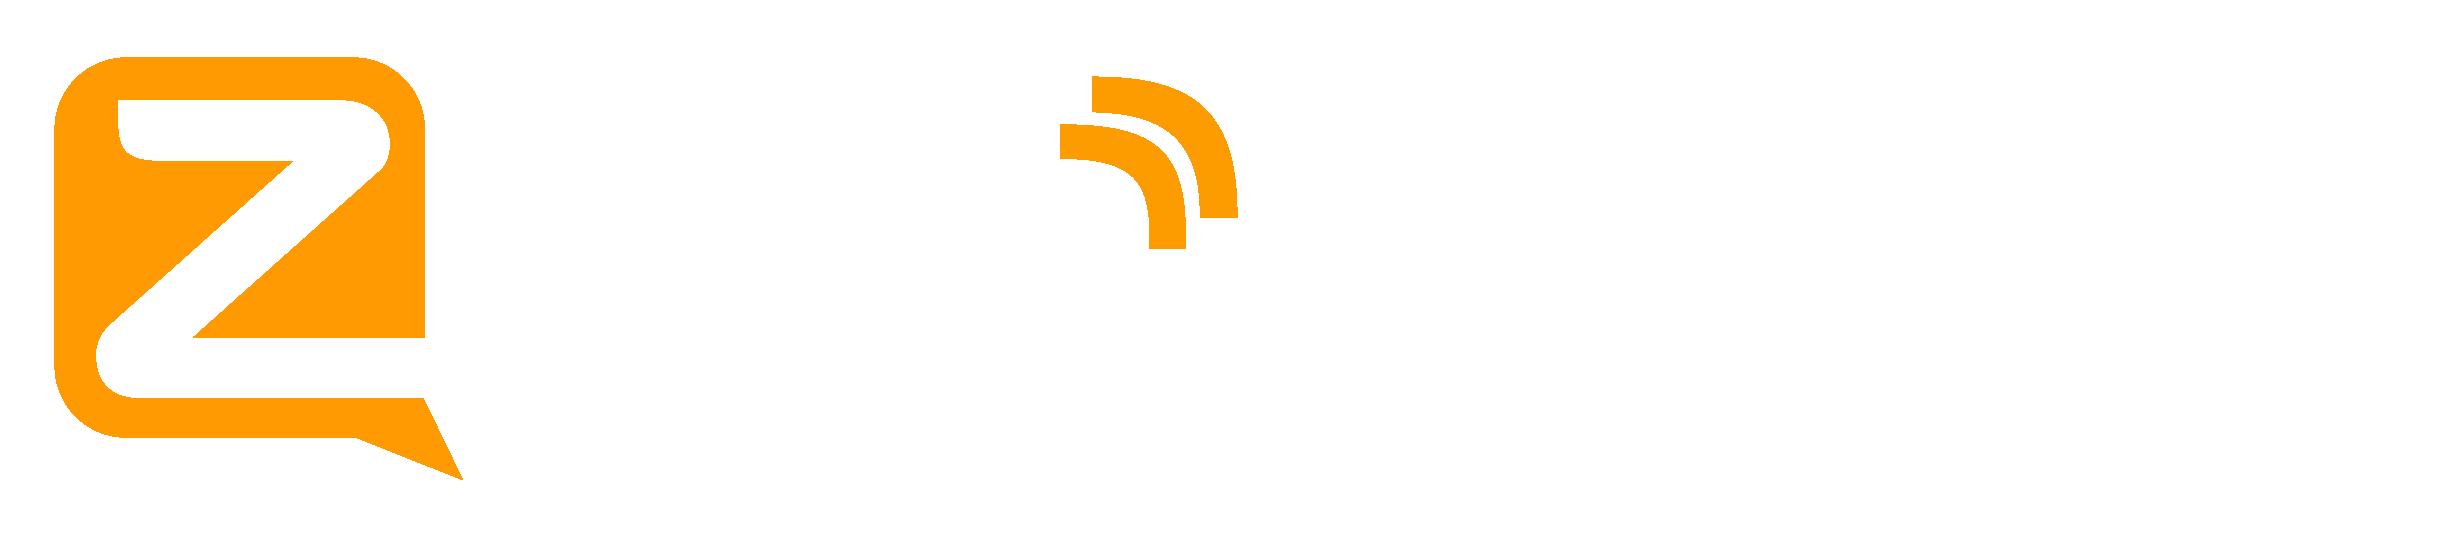 zellowork-logo-1200-w